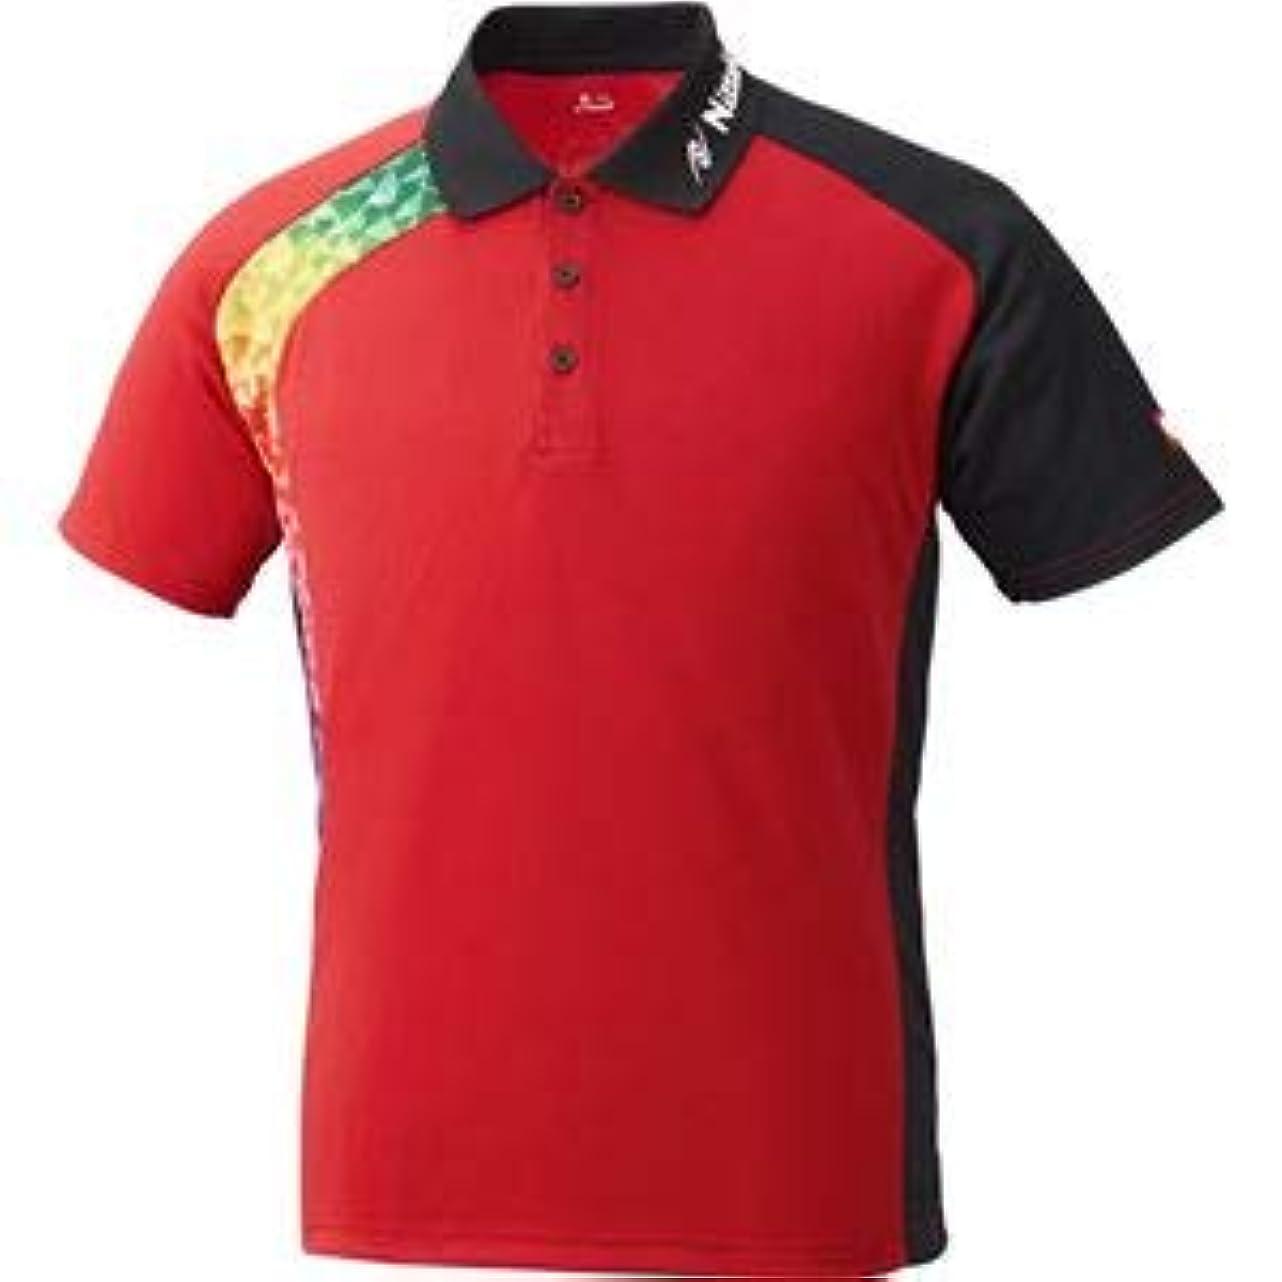 分布社会科ダンスニッタク(Nittaku)卓球アパレル BUMERAN SHIRT(ブメランシャツ)ゲームシャツ(男女兼用 )NW2178 レッド 3S